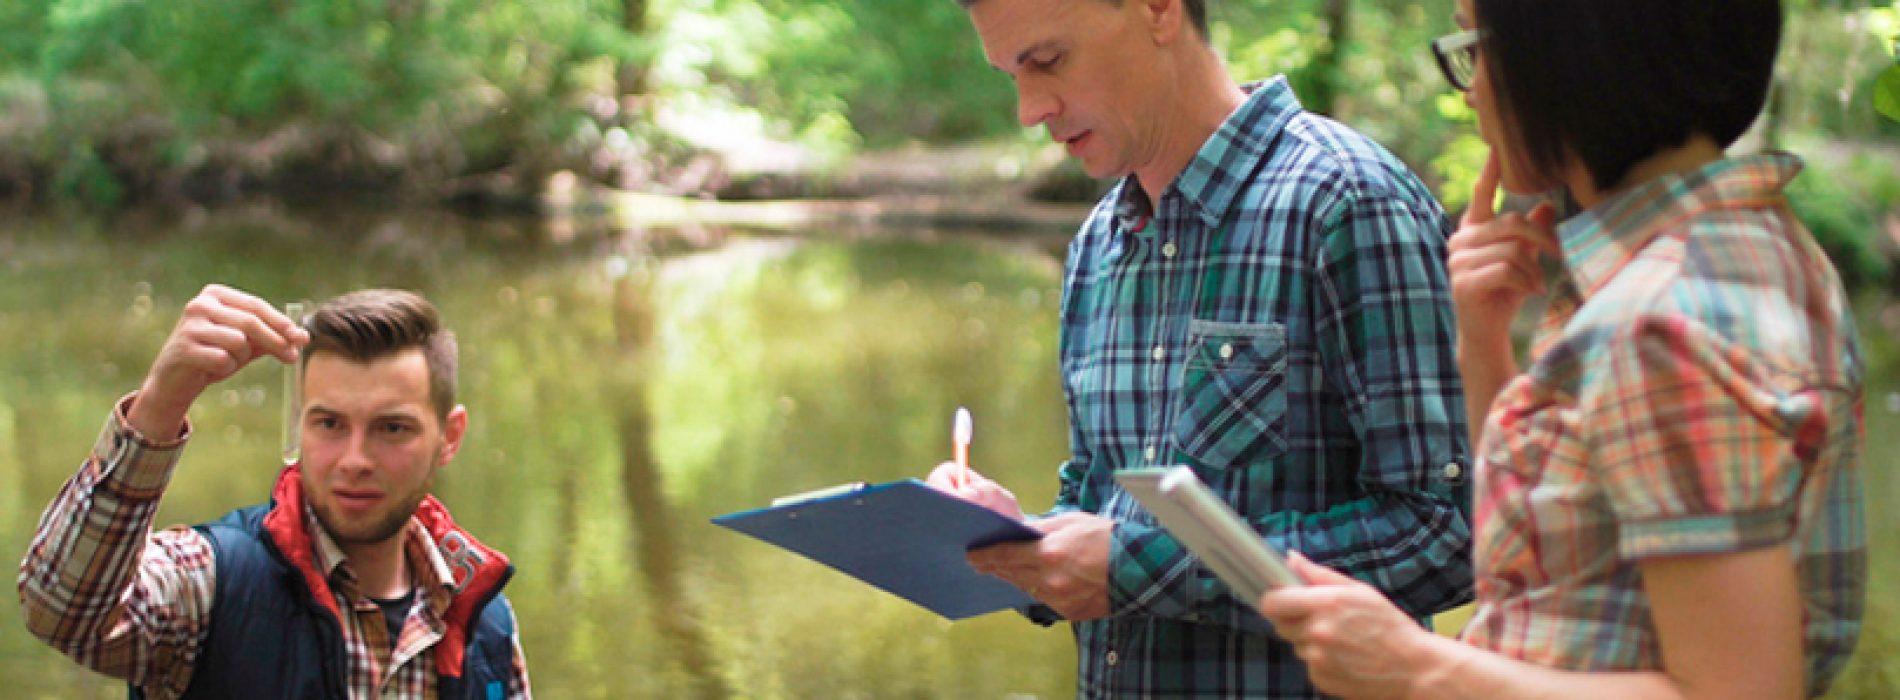 Fondecyt cambia su forma de evaluar investigadores en la nueva convocatoria a proyectos de Postdoctorado | Fondecyt